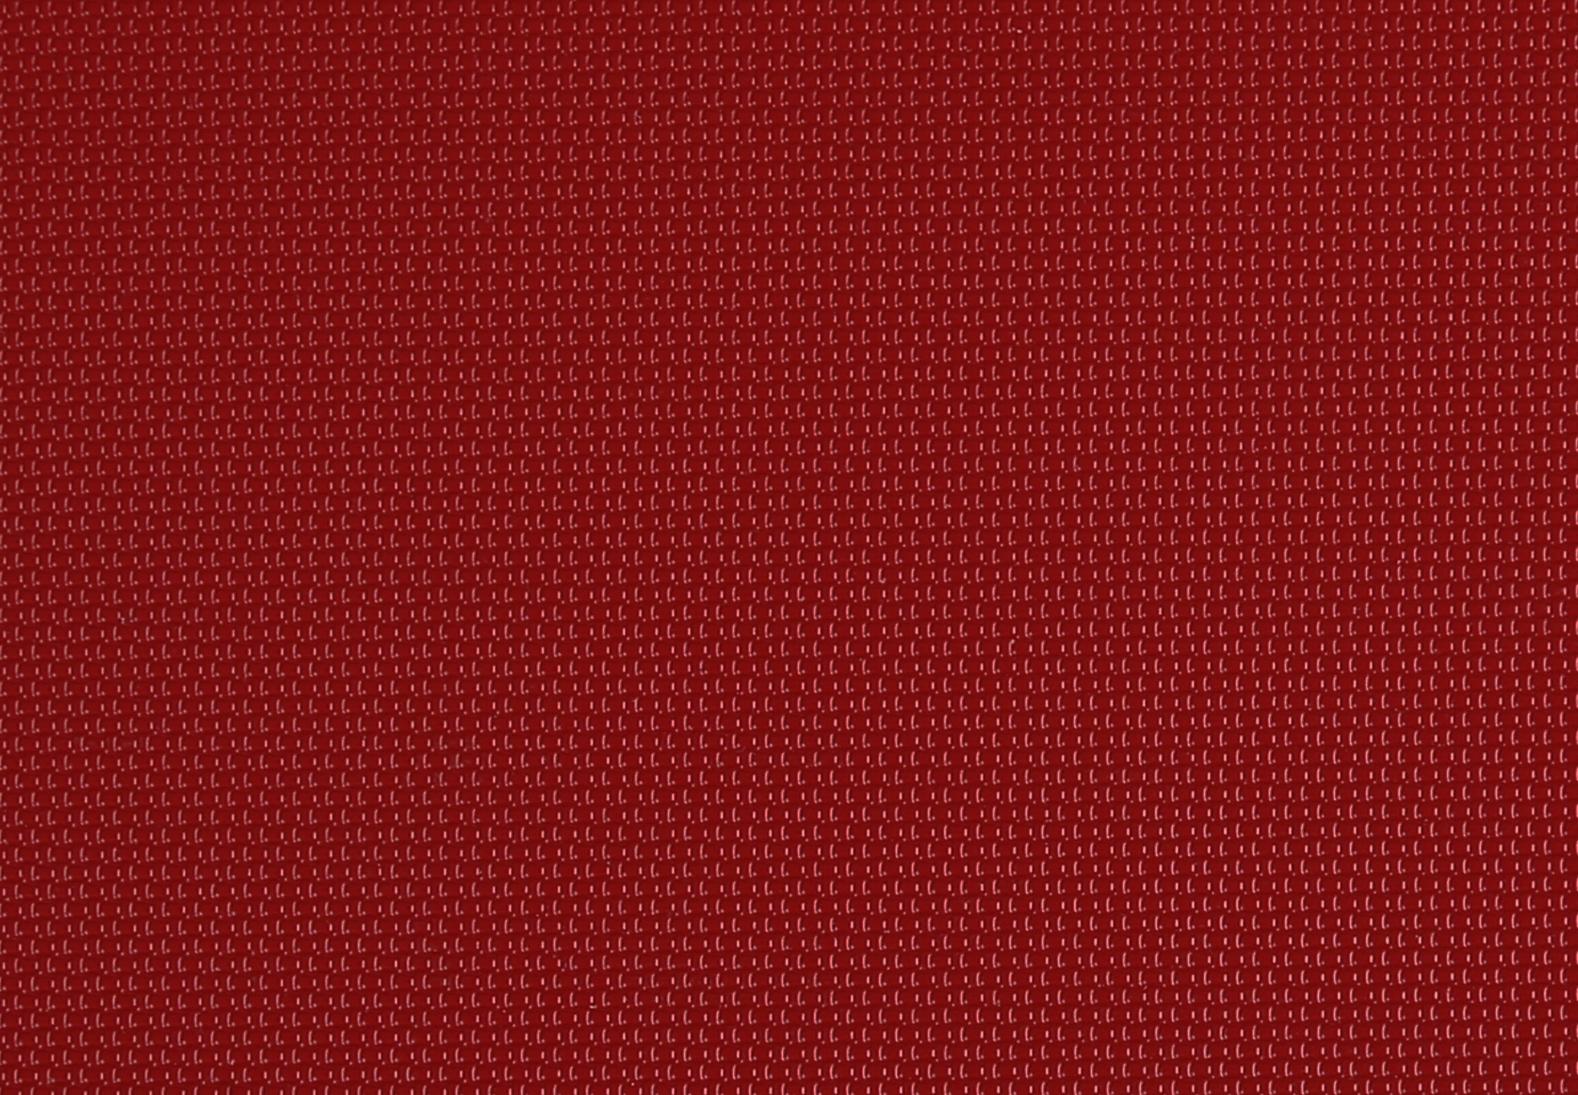 布纹运动地胶/塑胶地板